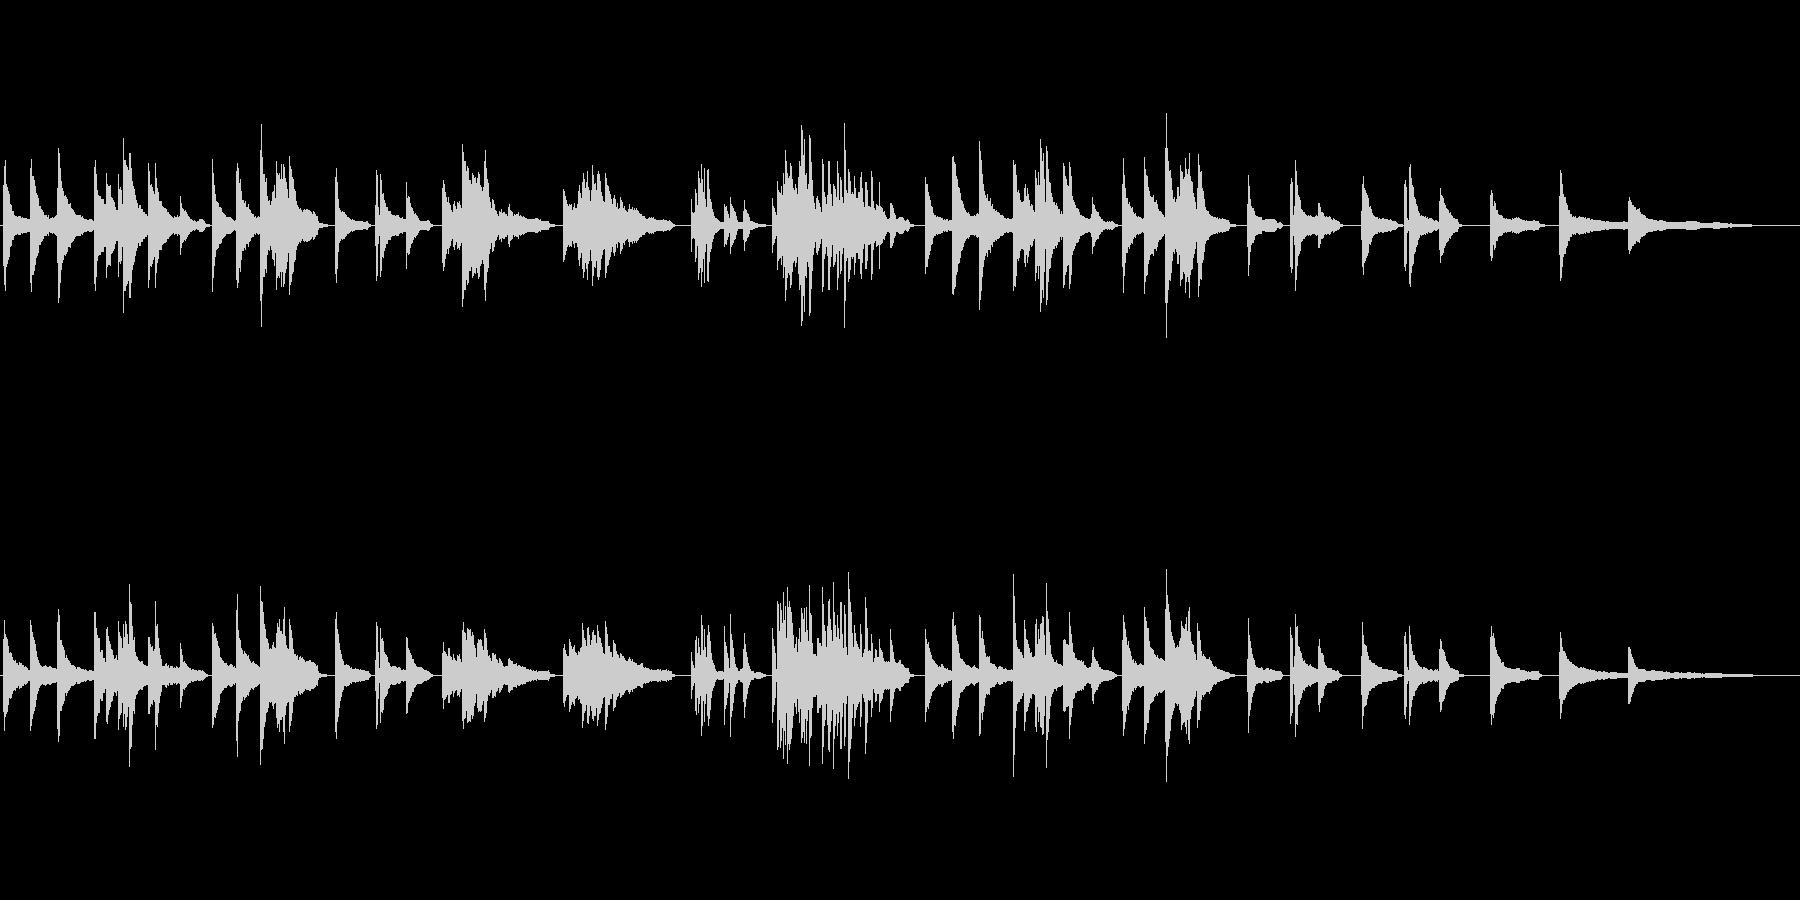 ソロピアノ、エンディングの場面の未再生の波形